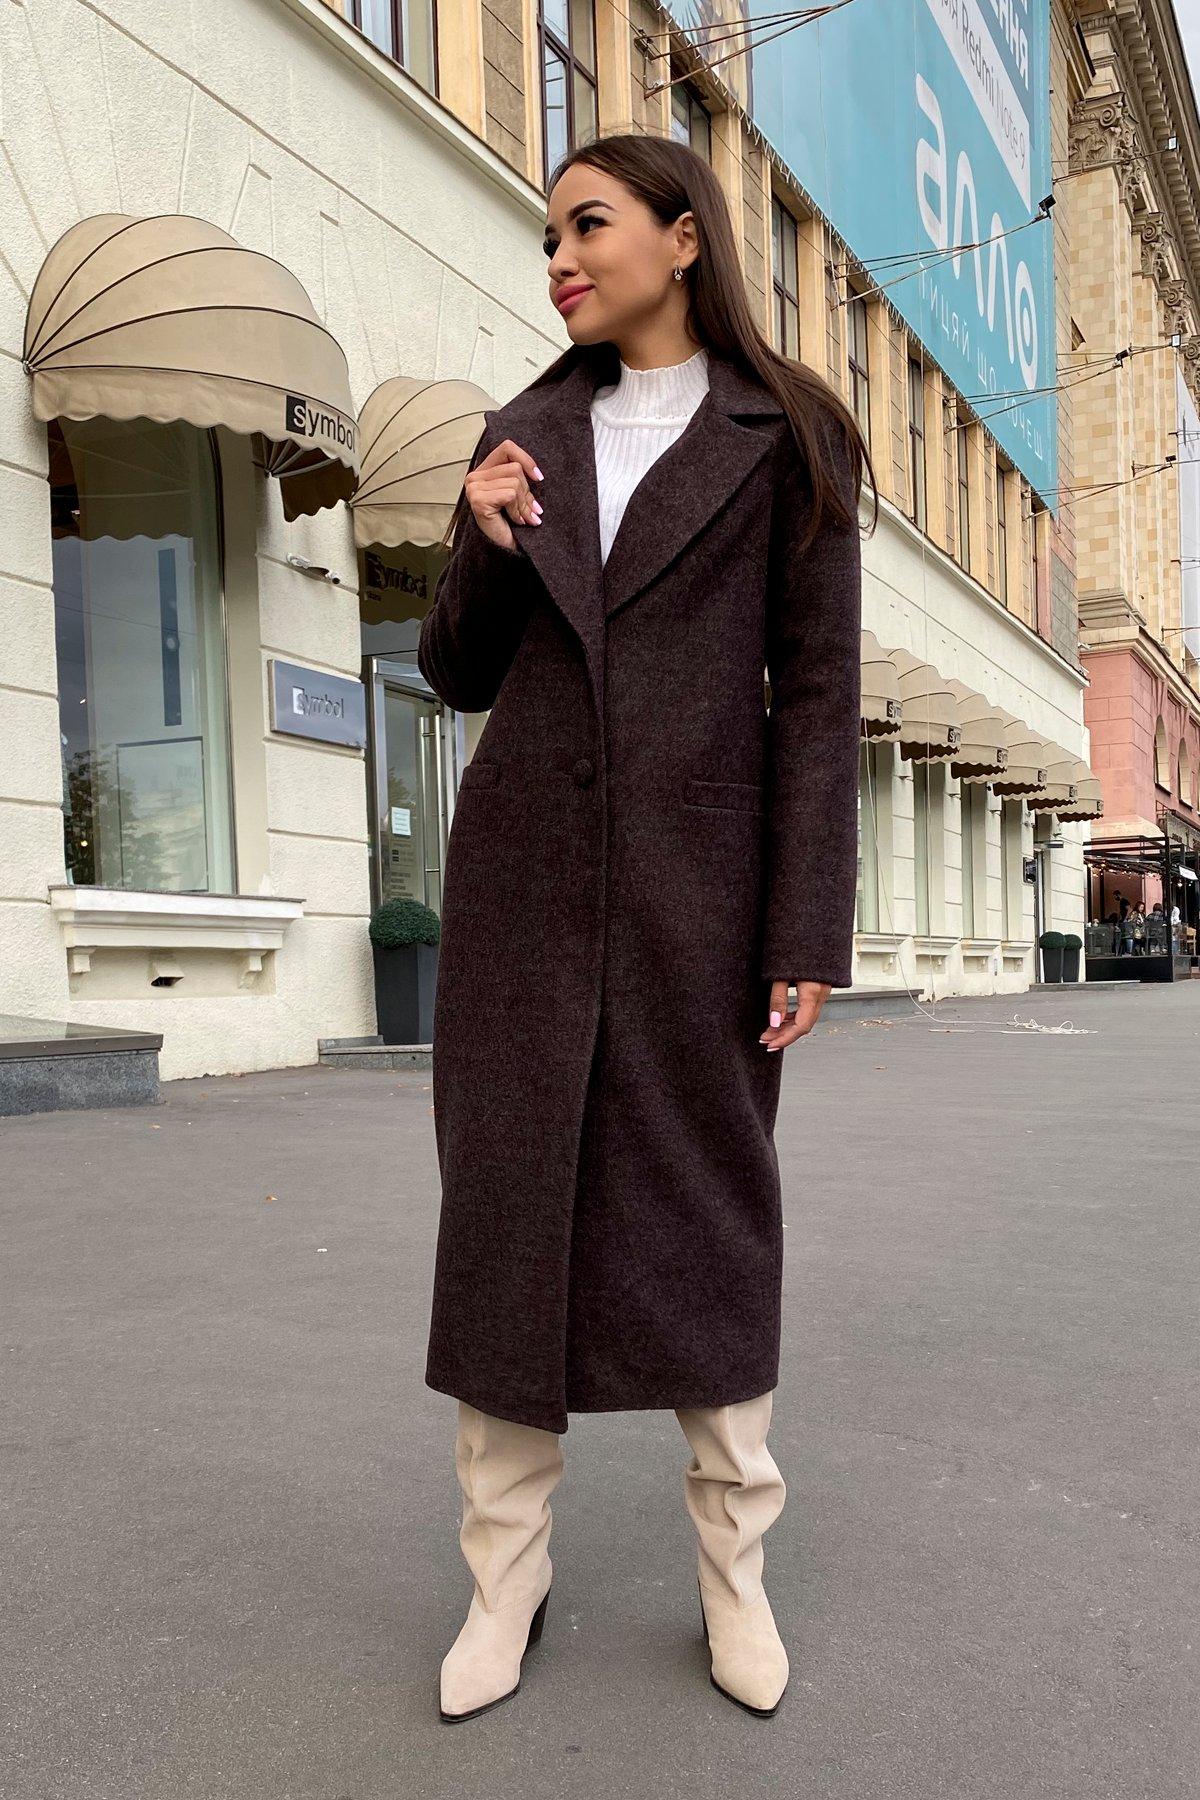 Длинное пальто зима Вива макси 8341 АРТ. 44495 Цвет: Шоколад 7 - фото 2, интернет магазин tm-modus.ru